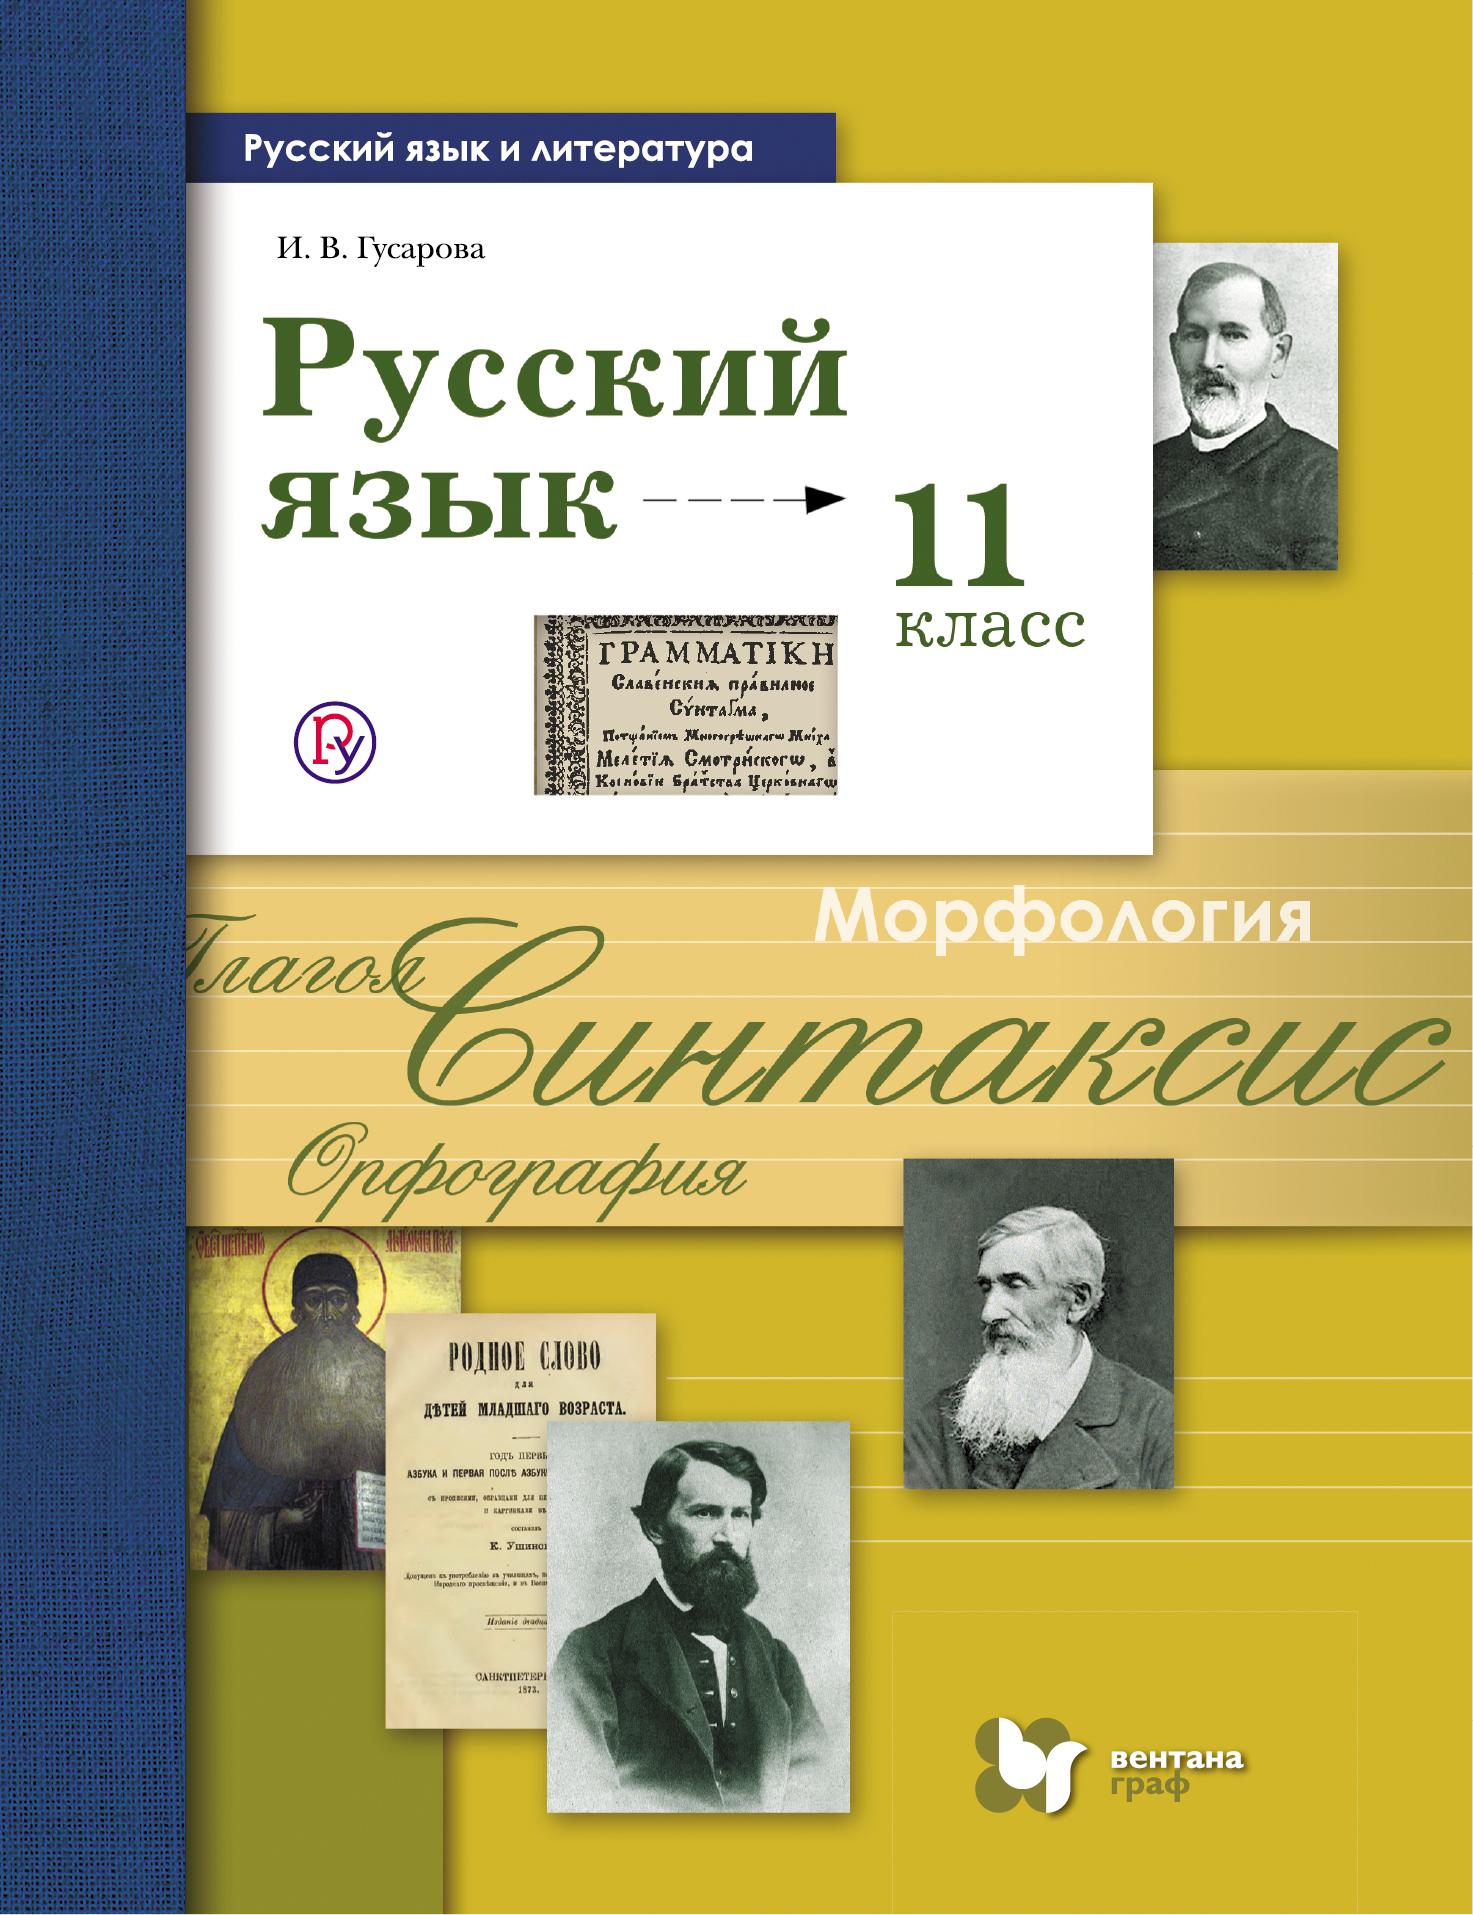 все цены на И. В. Гусарова Русский язык и литература. Русский язык. 11 класс. Базовый и углублённый уровни онлайн